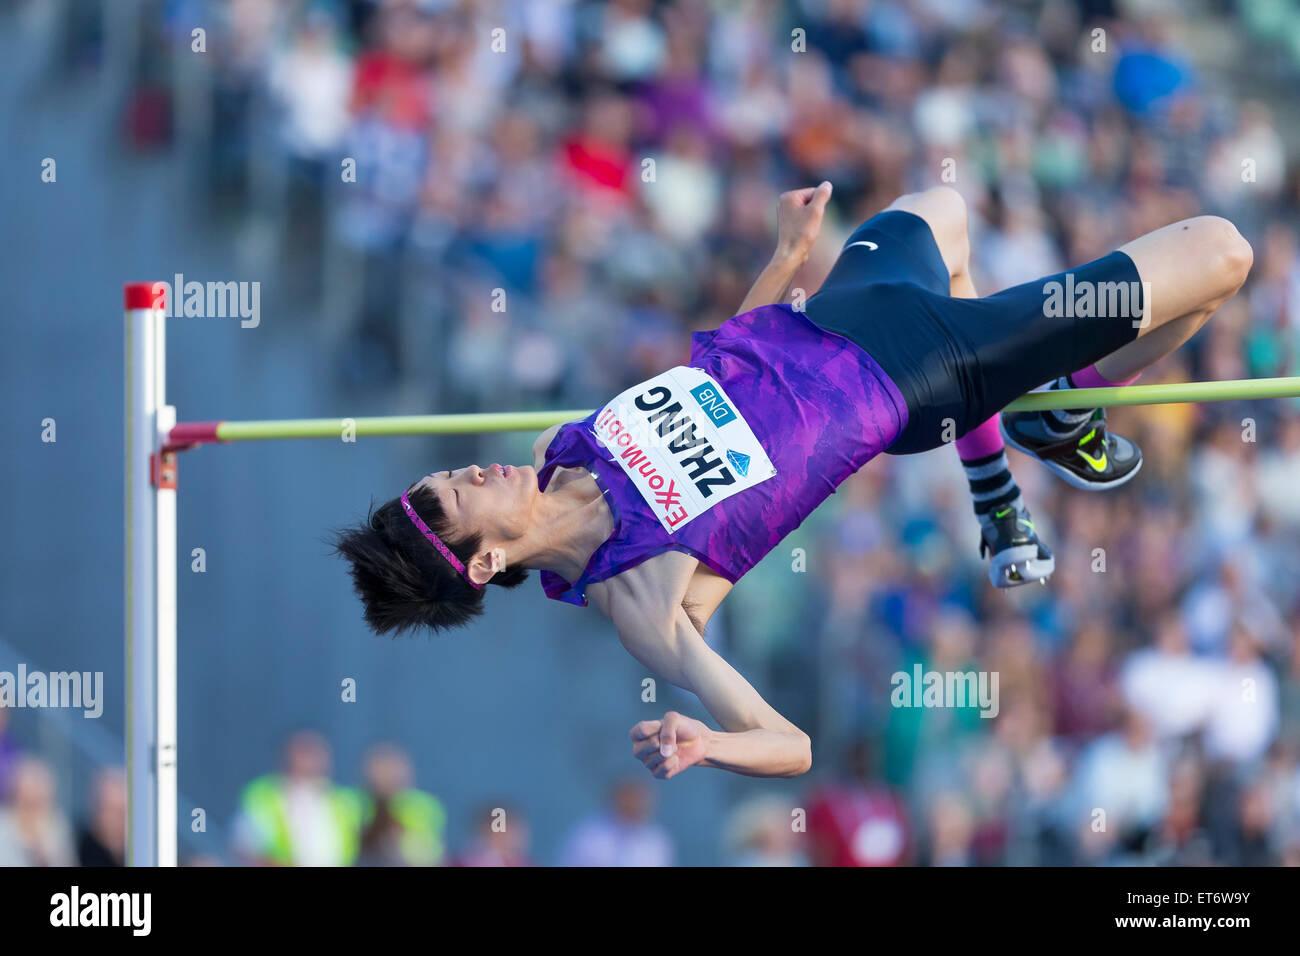 Oslo, Noruega. 11 de junio de 2015. Liga de diamante Juegos Bislett Guowei Zhang de China compite en el salto de Imagen De Stock